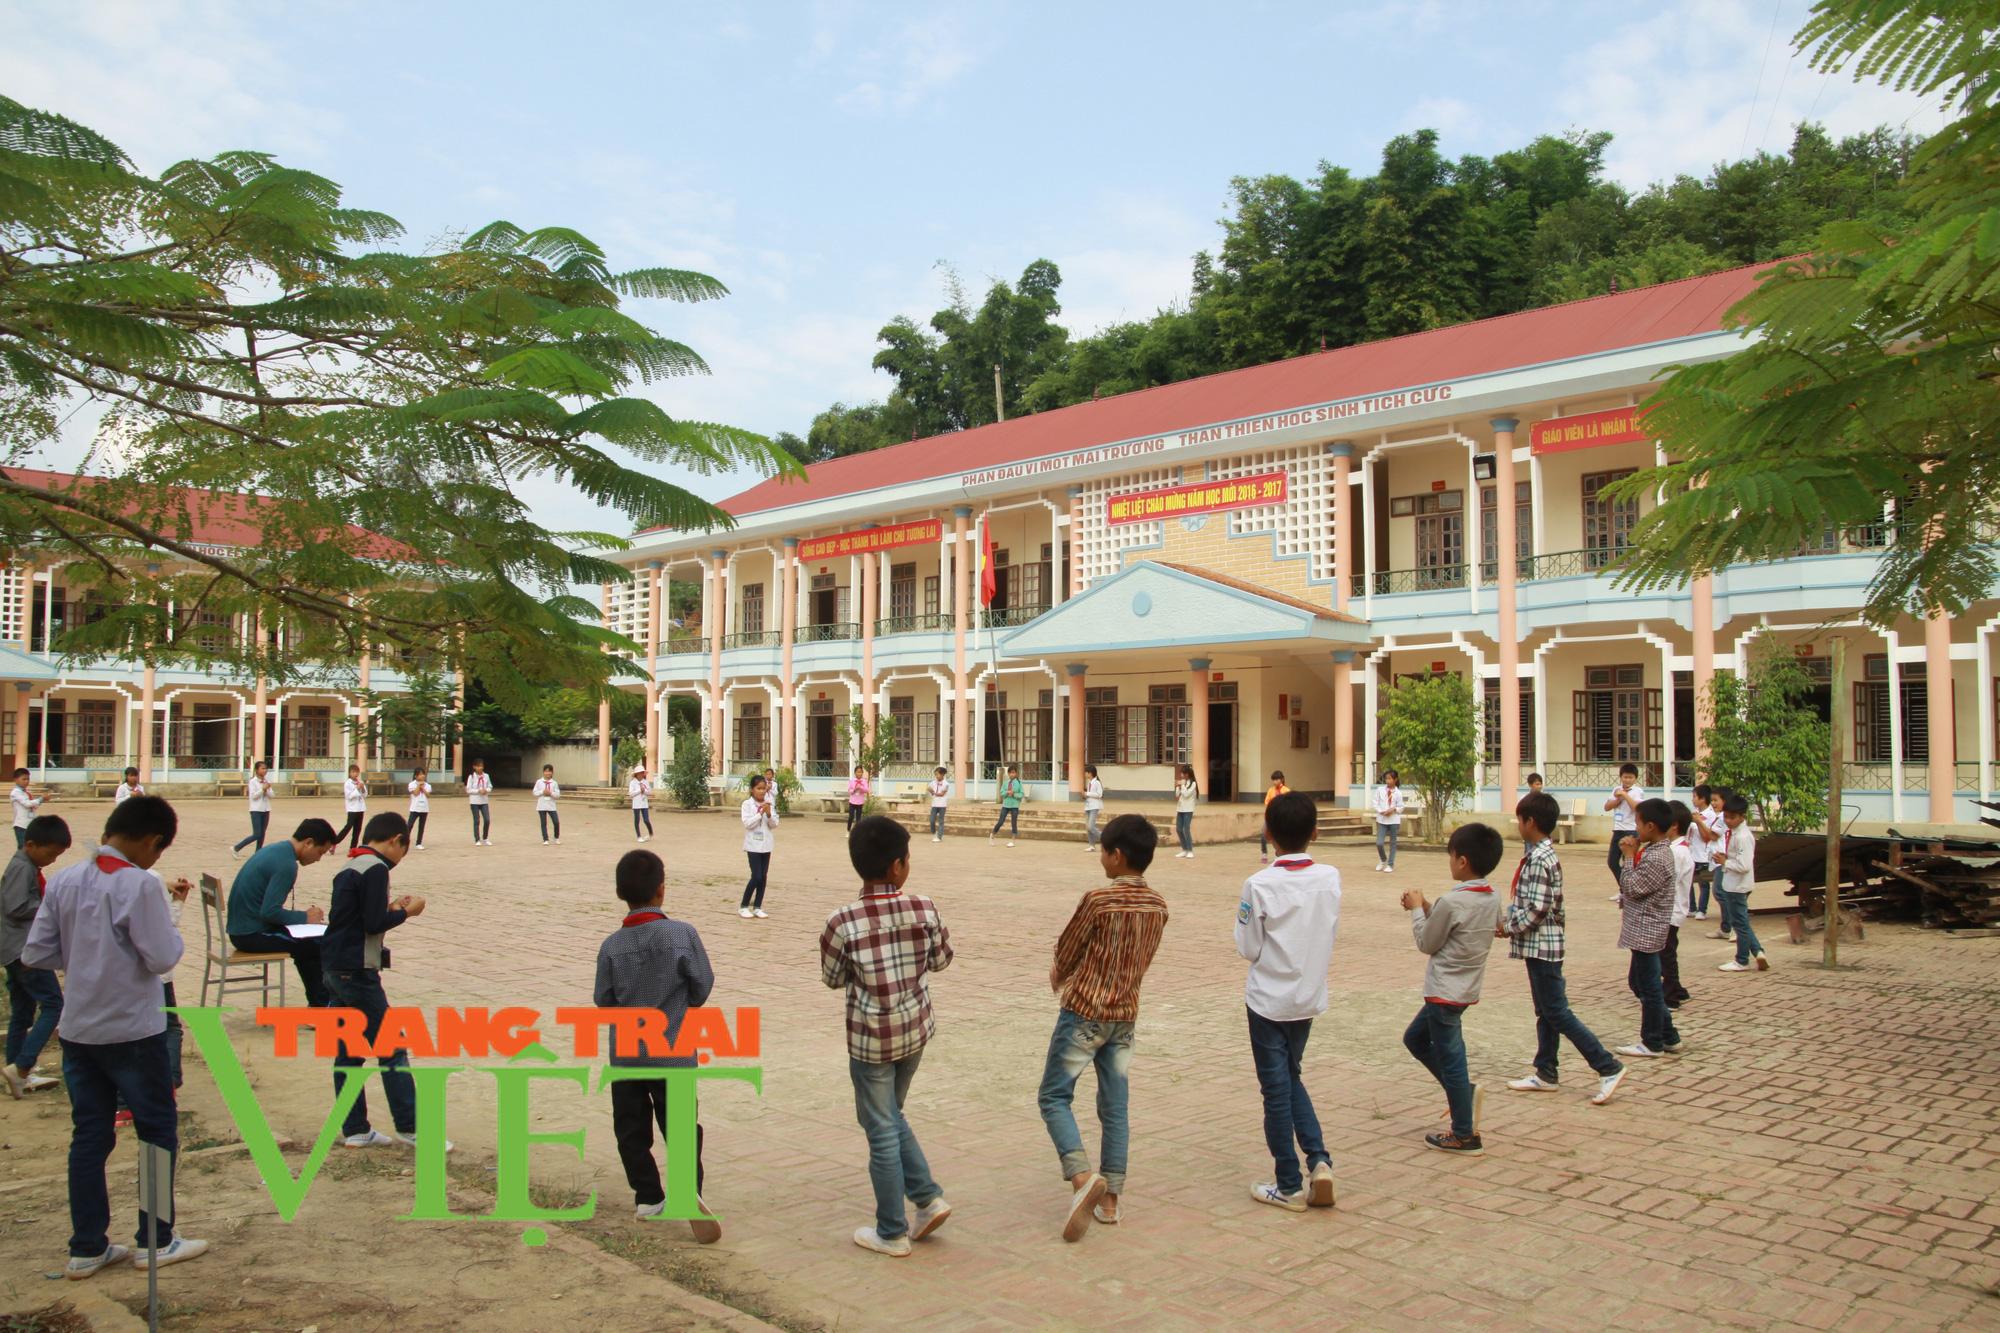 Sơn La: Những đột phá mới trong nâng cao chất lượng giáo dục và đào tạo - Ảnh 4.